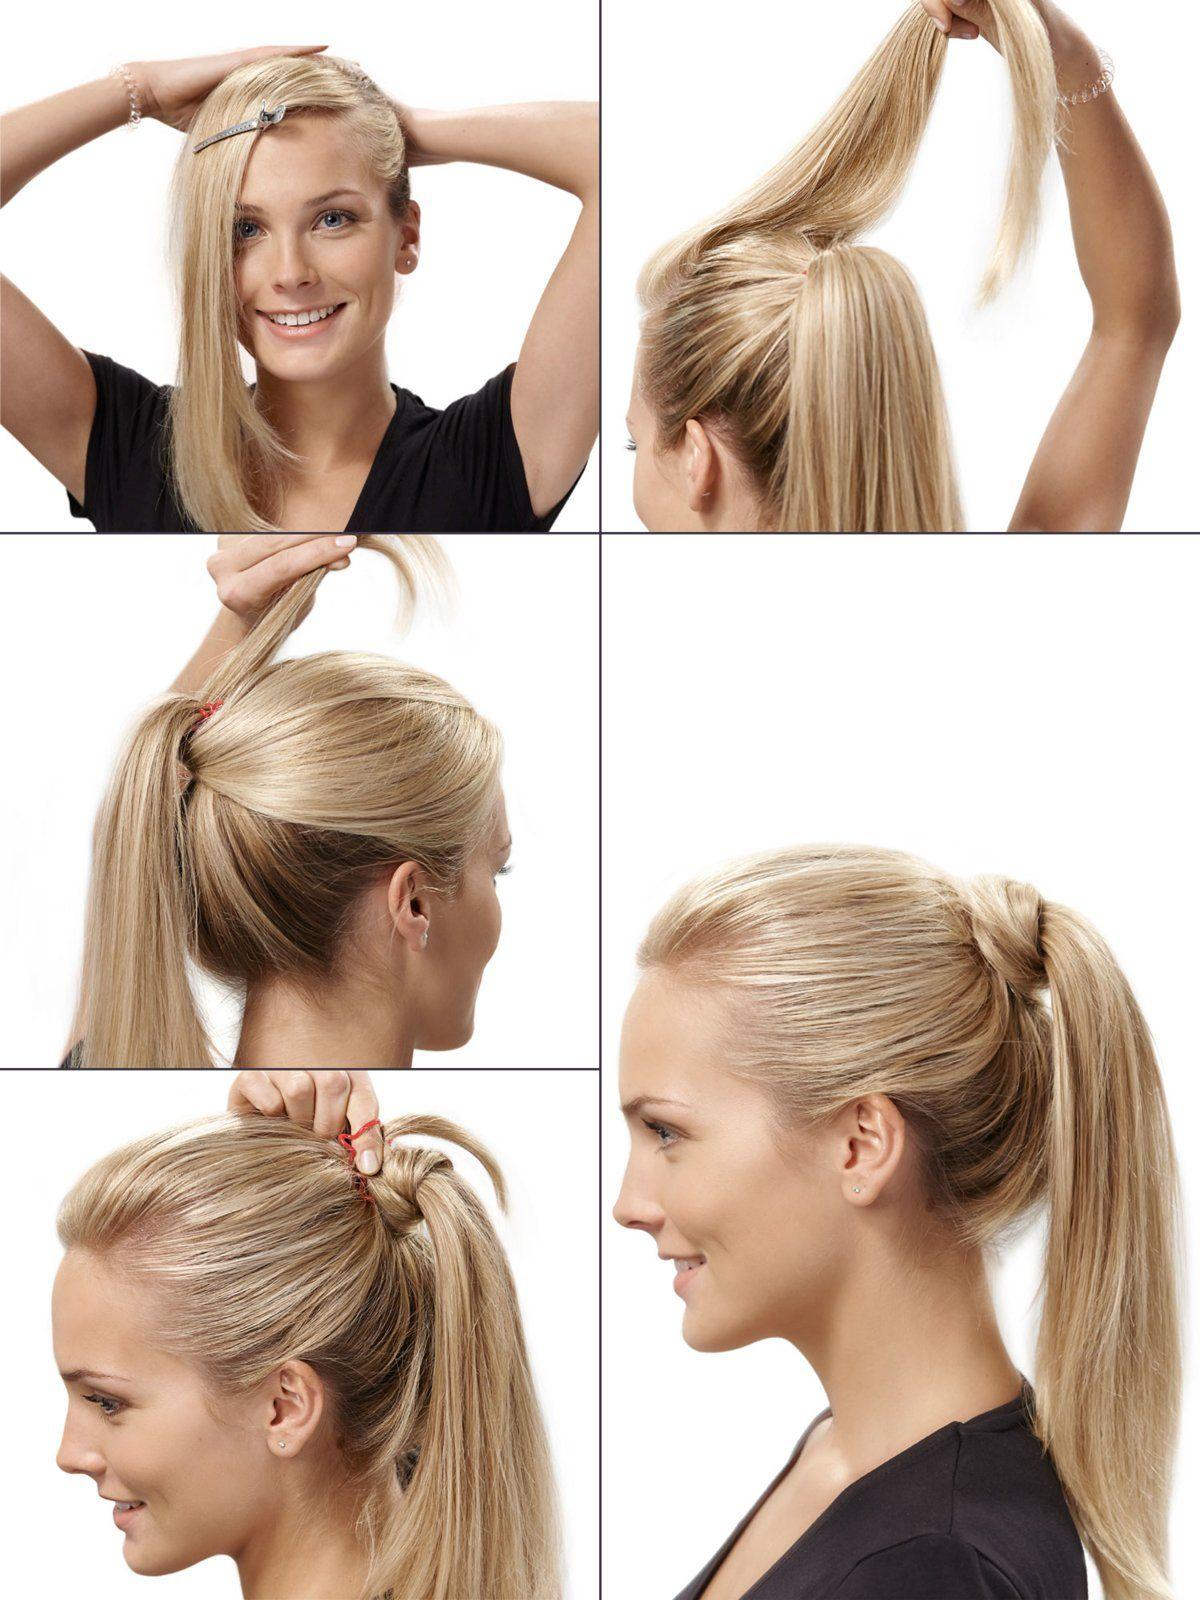 Festliche Frisuren Festfrisuren Selber Machen Hairstyles To Try